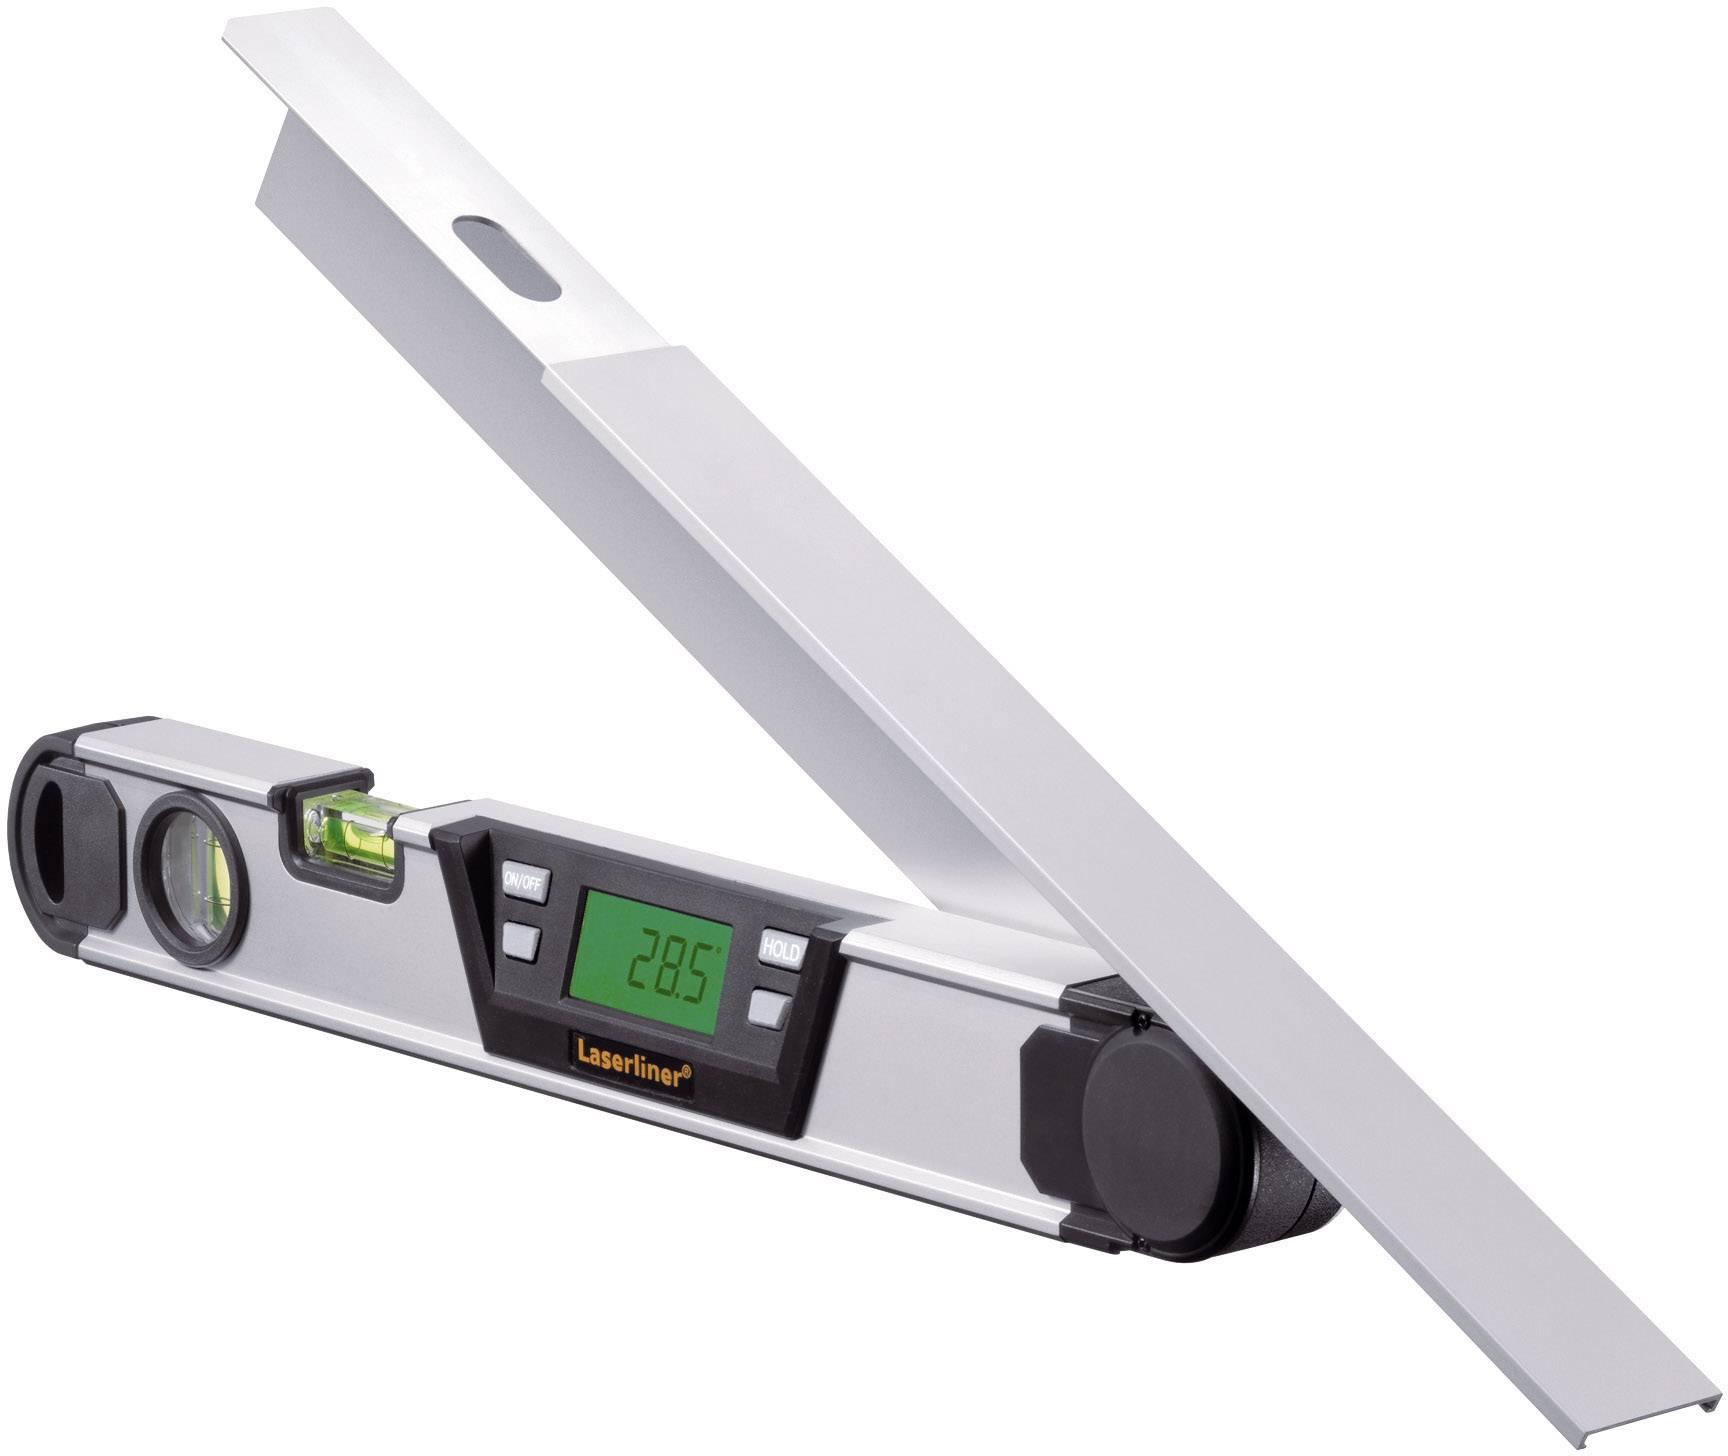 Elektronický úhloměr Laserliner ArcoMaster 075.130A, rozsah měření 0 až 220 °, kalibrace dle ISO